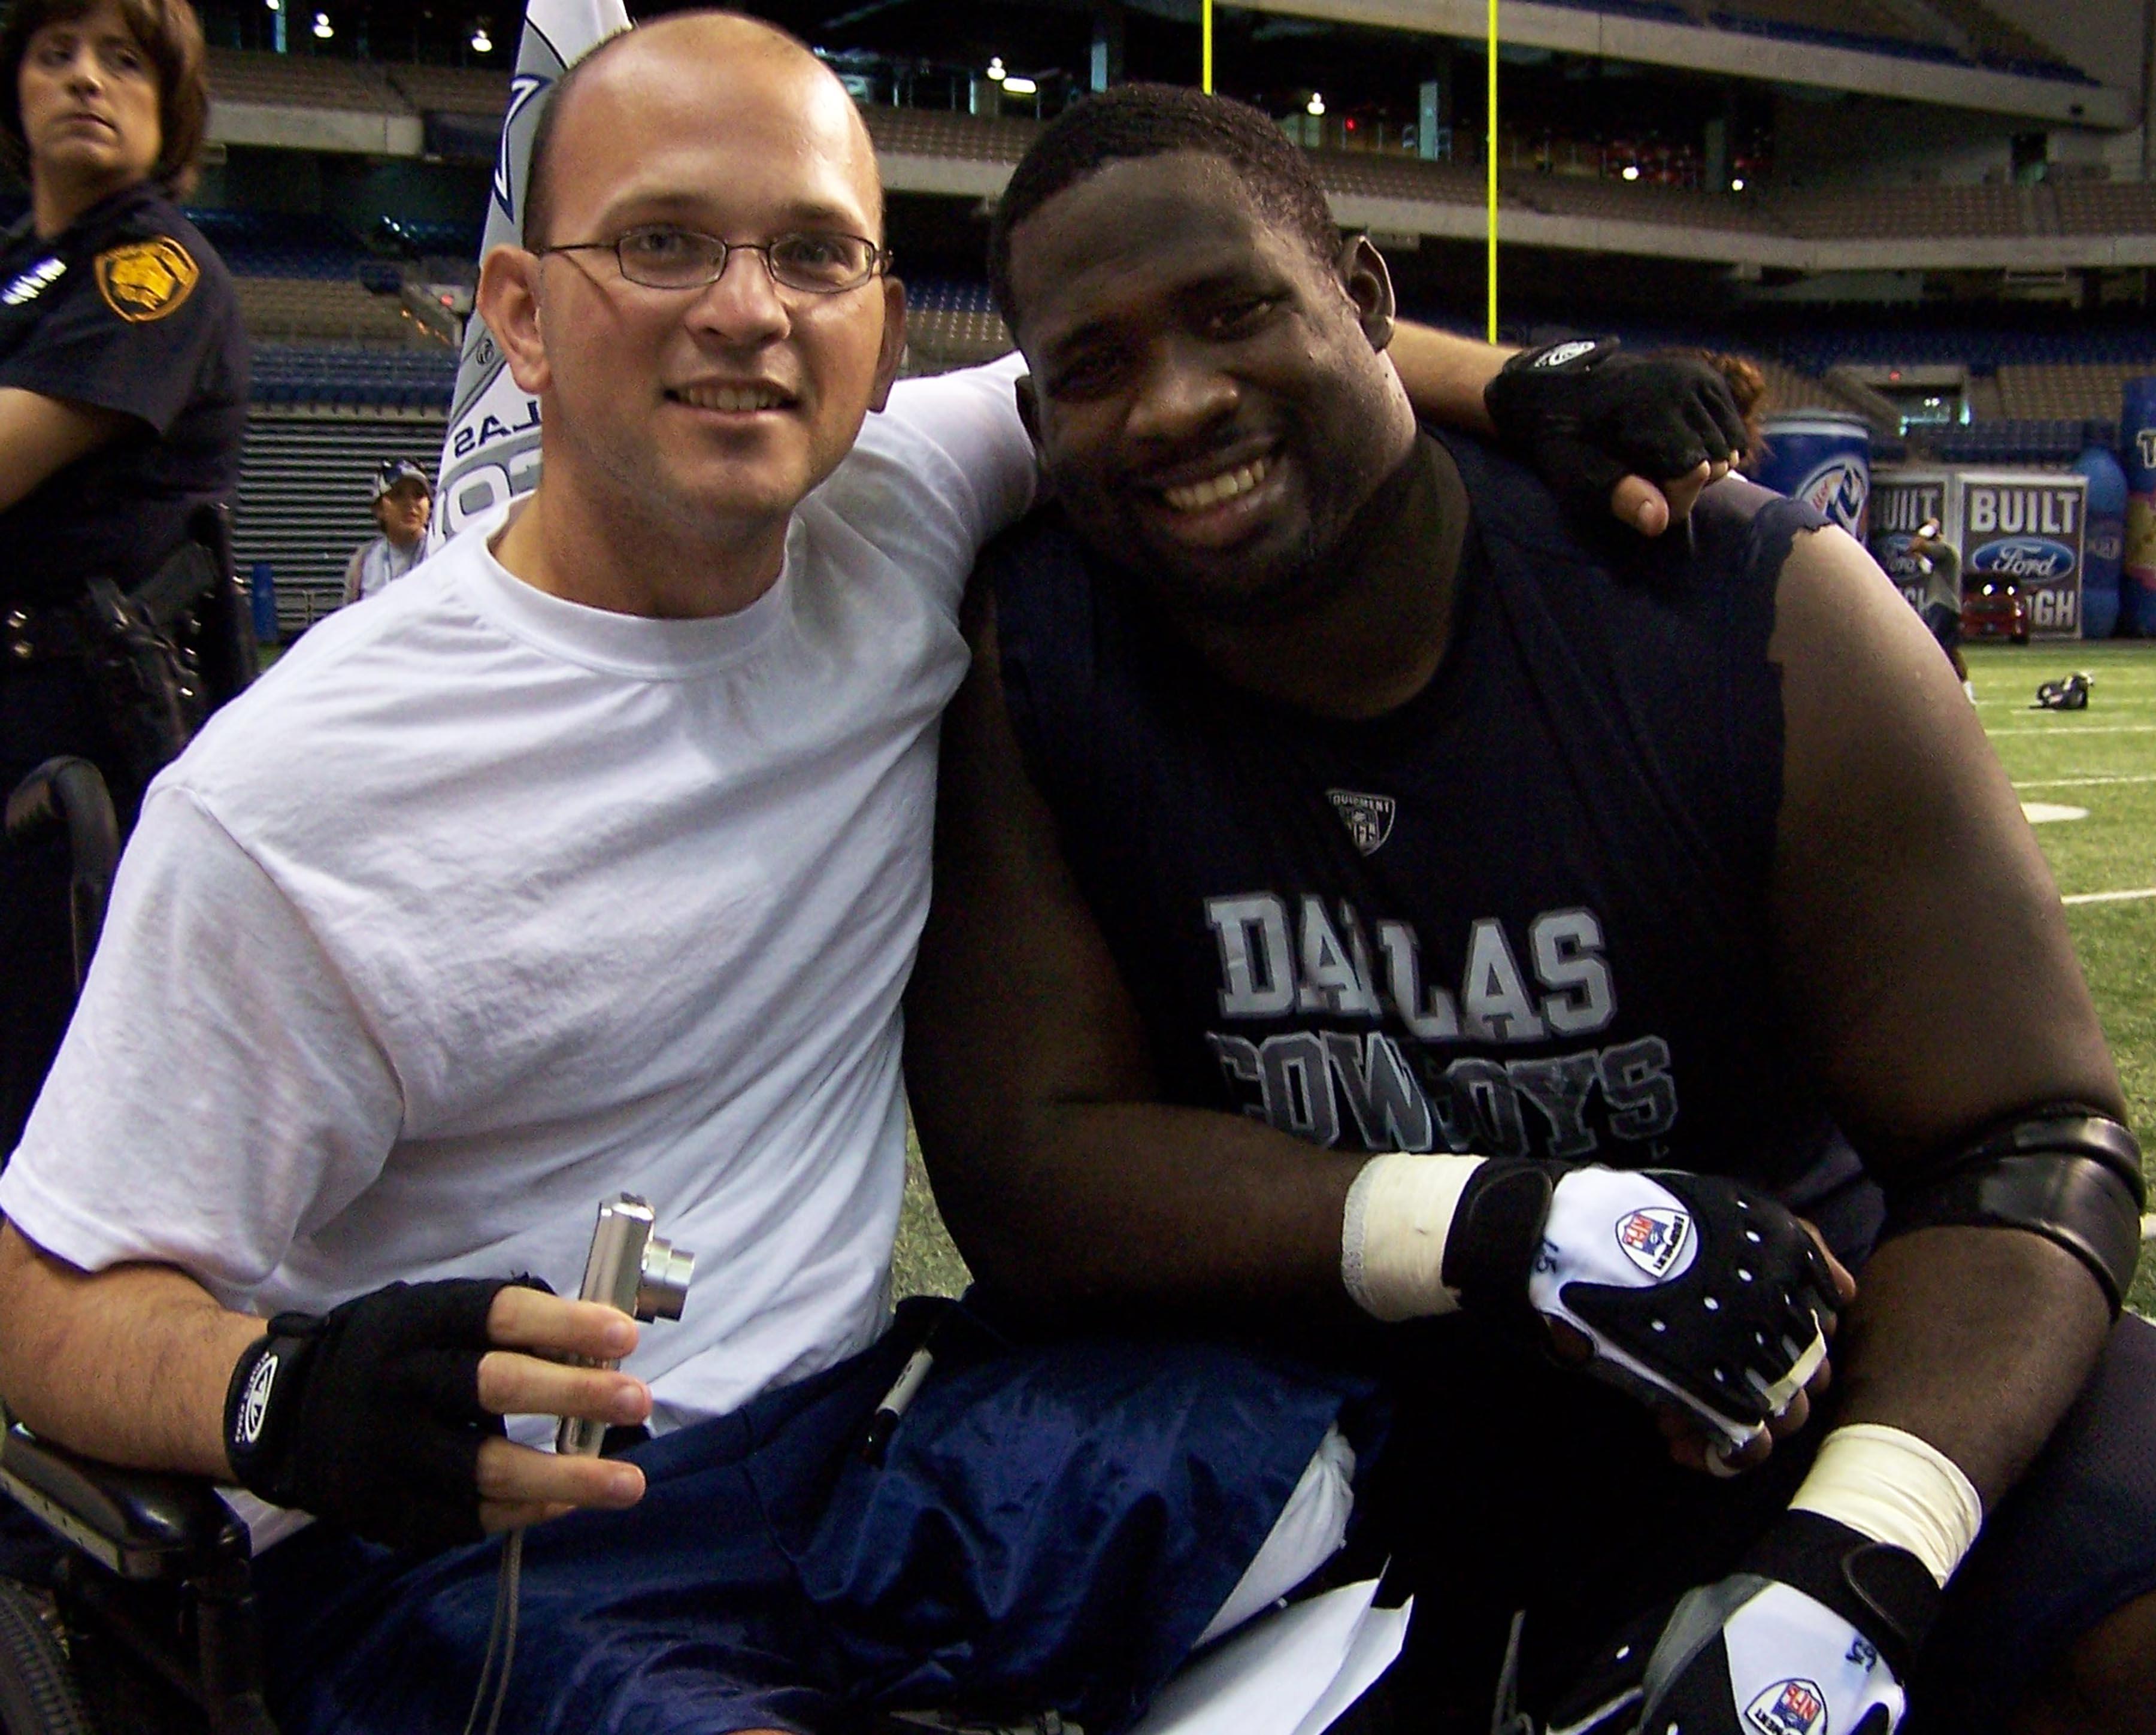 Army Sgt  Daniel Cowart gets a hug from Dallas Cowboys